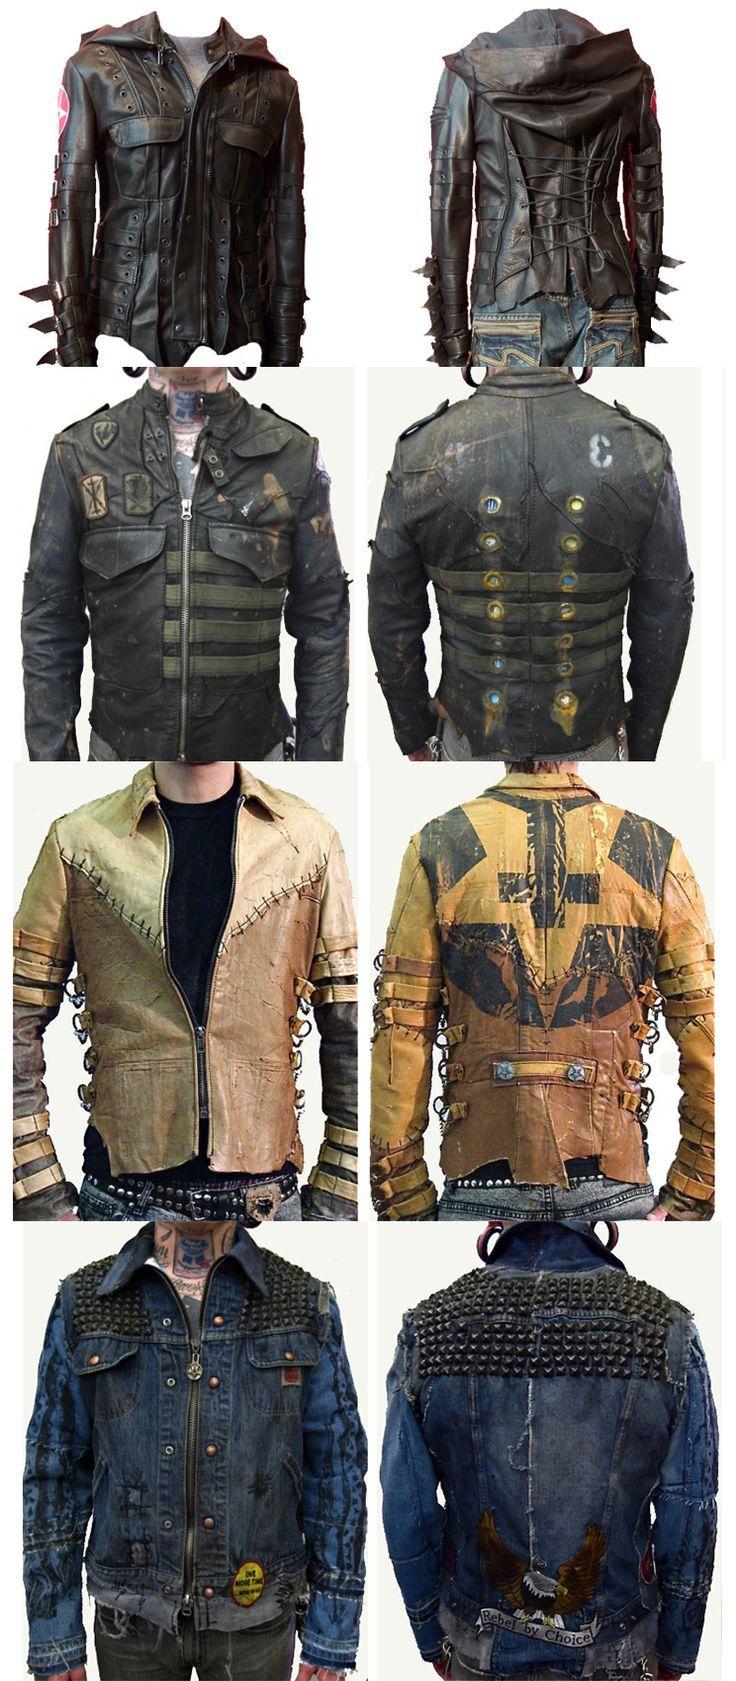 Post-apocalyptic coats: